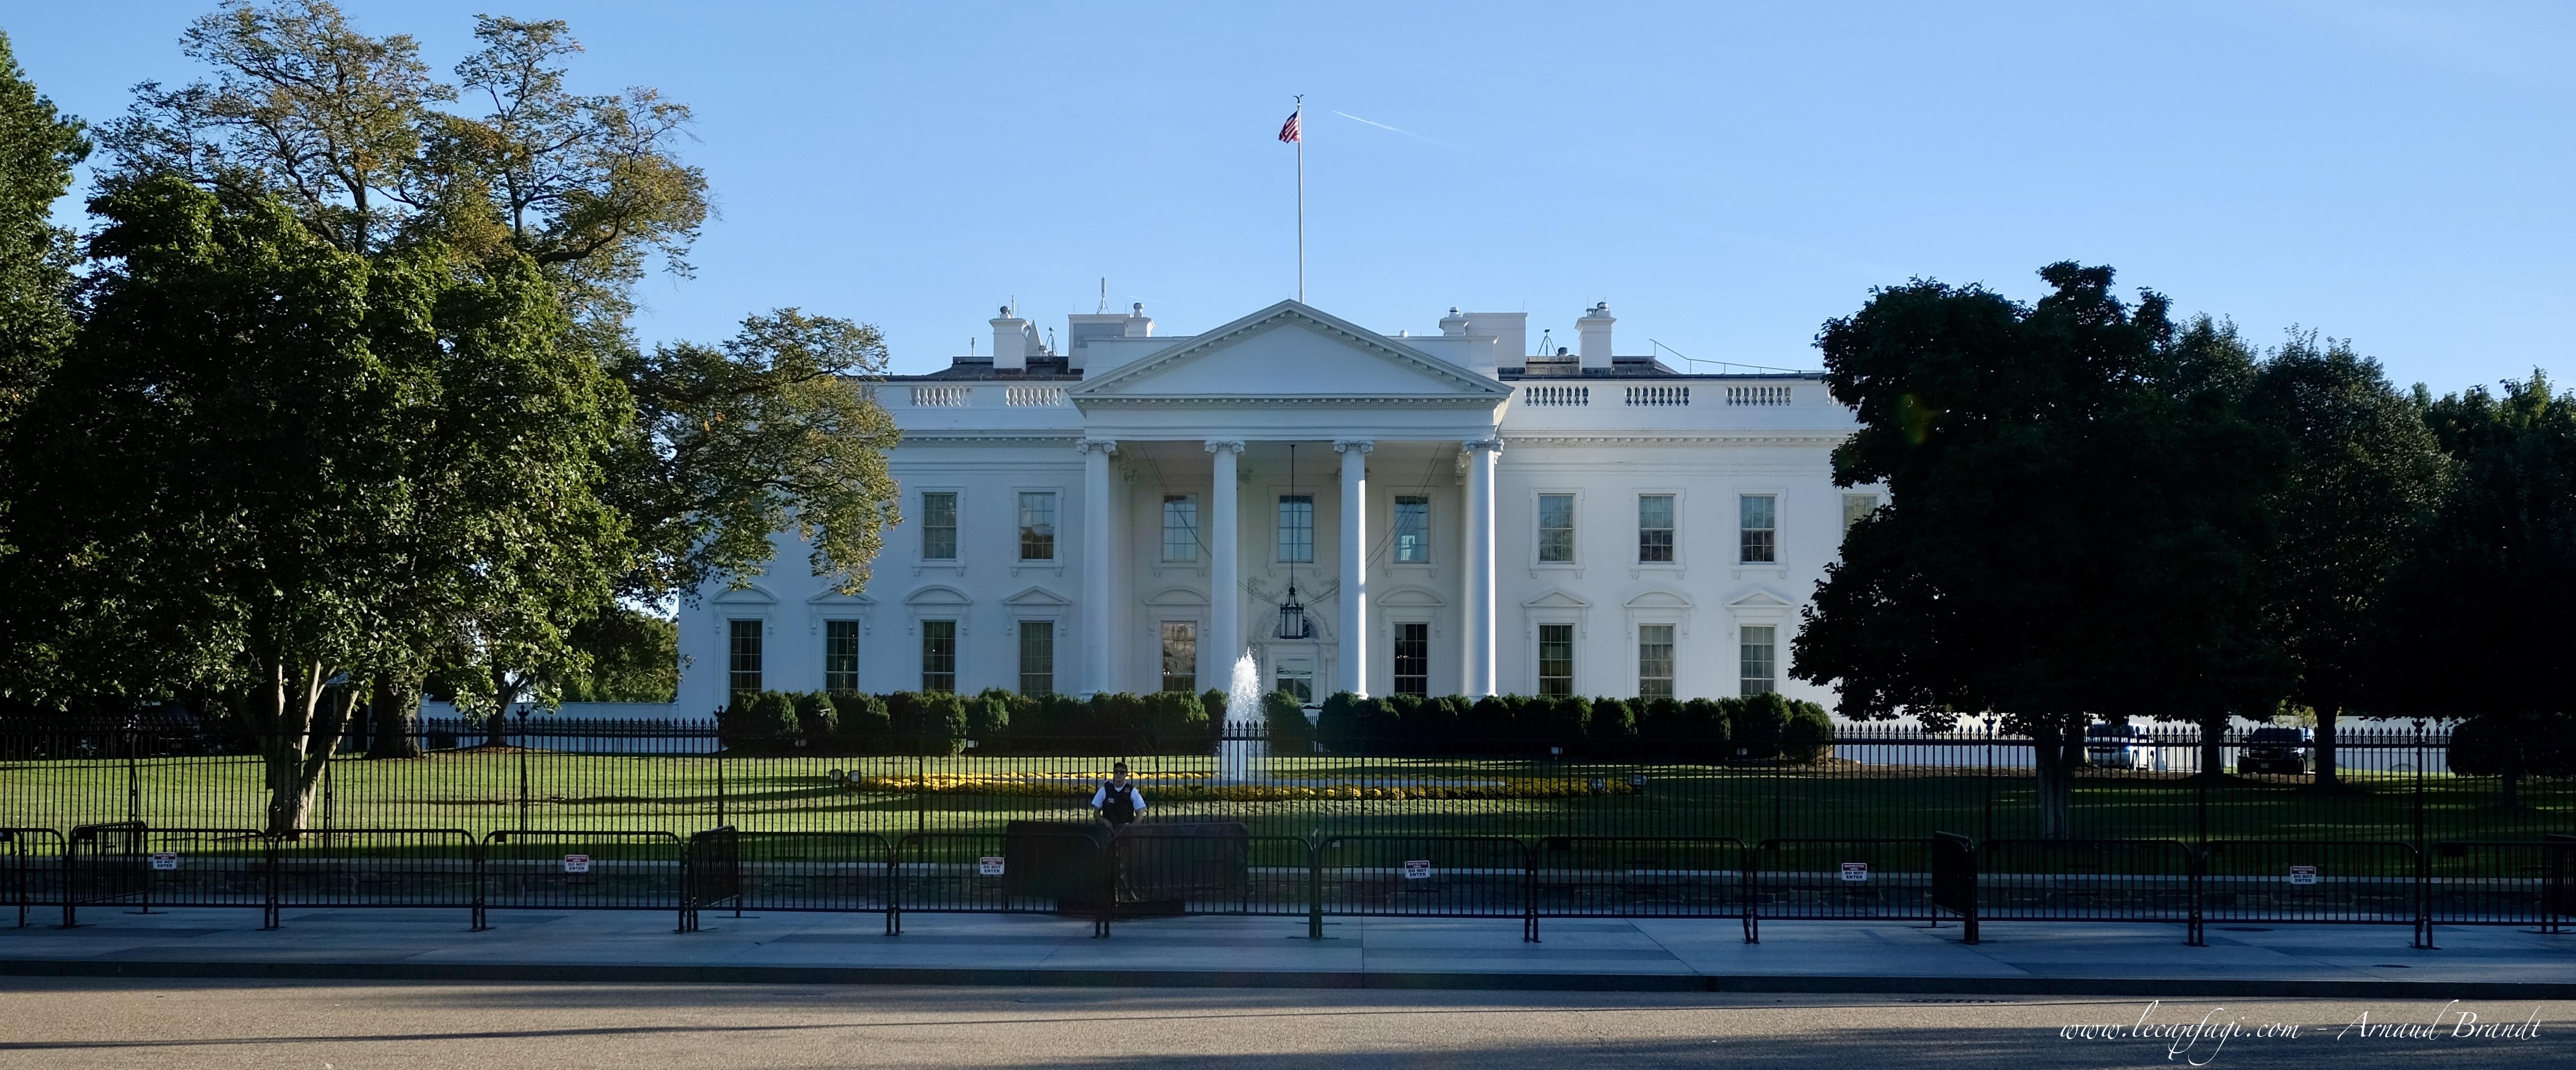 Washington DC - White House